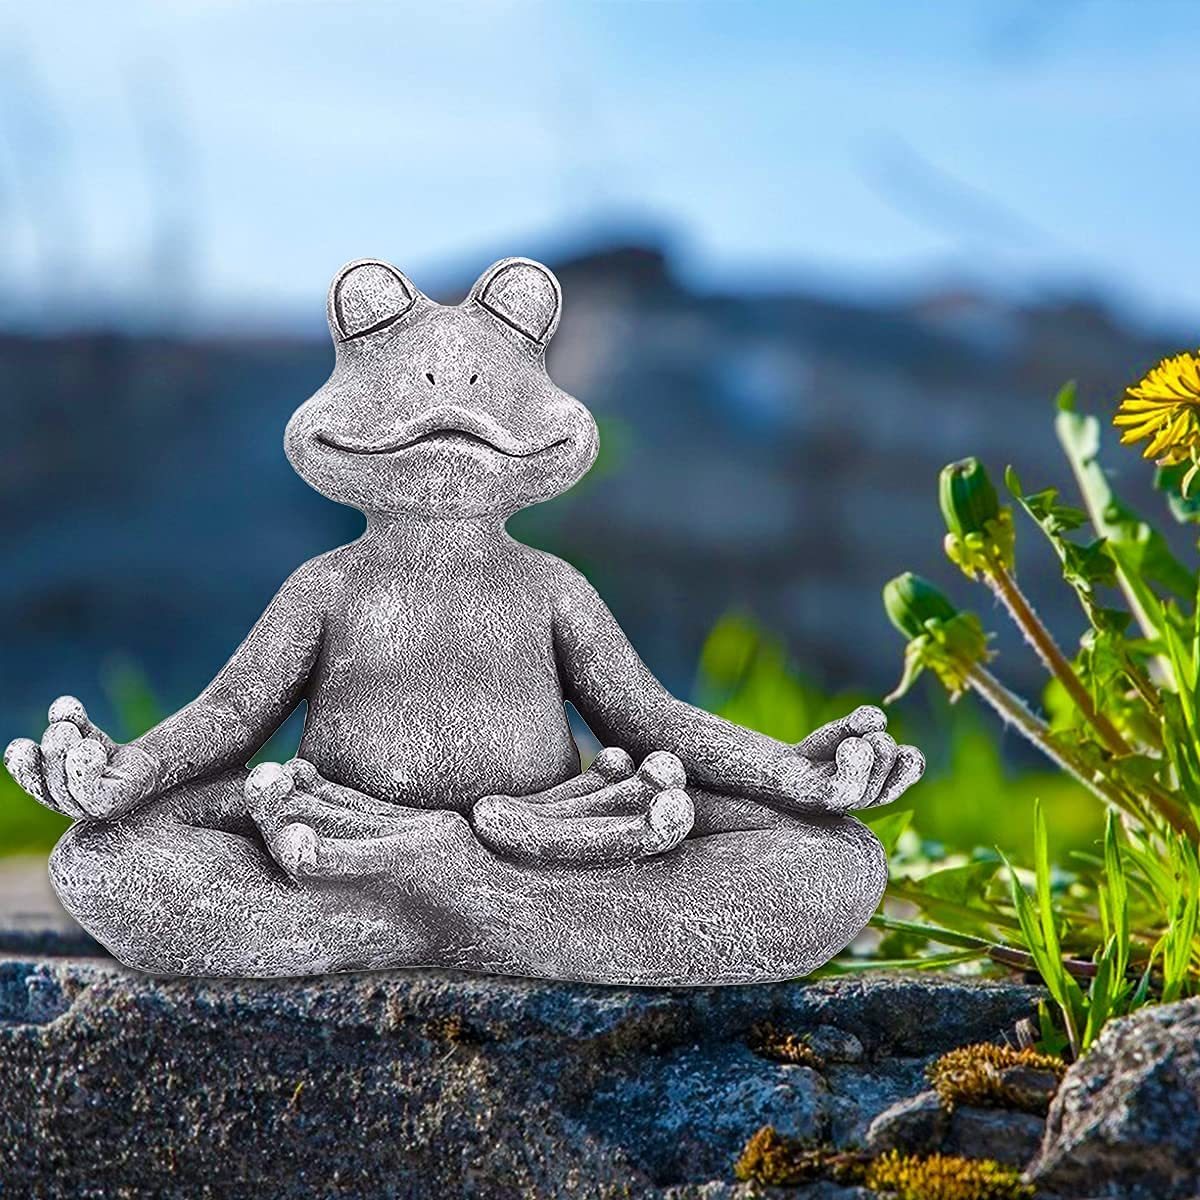 Meditating Zen Frog Statue, Zen Garden Yoga Frog Figurine-Resin Zen Animal Statue for Indoor Outdoor Home Art Statue Ornament Office Park, 129.57.5cm